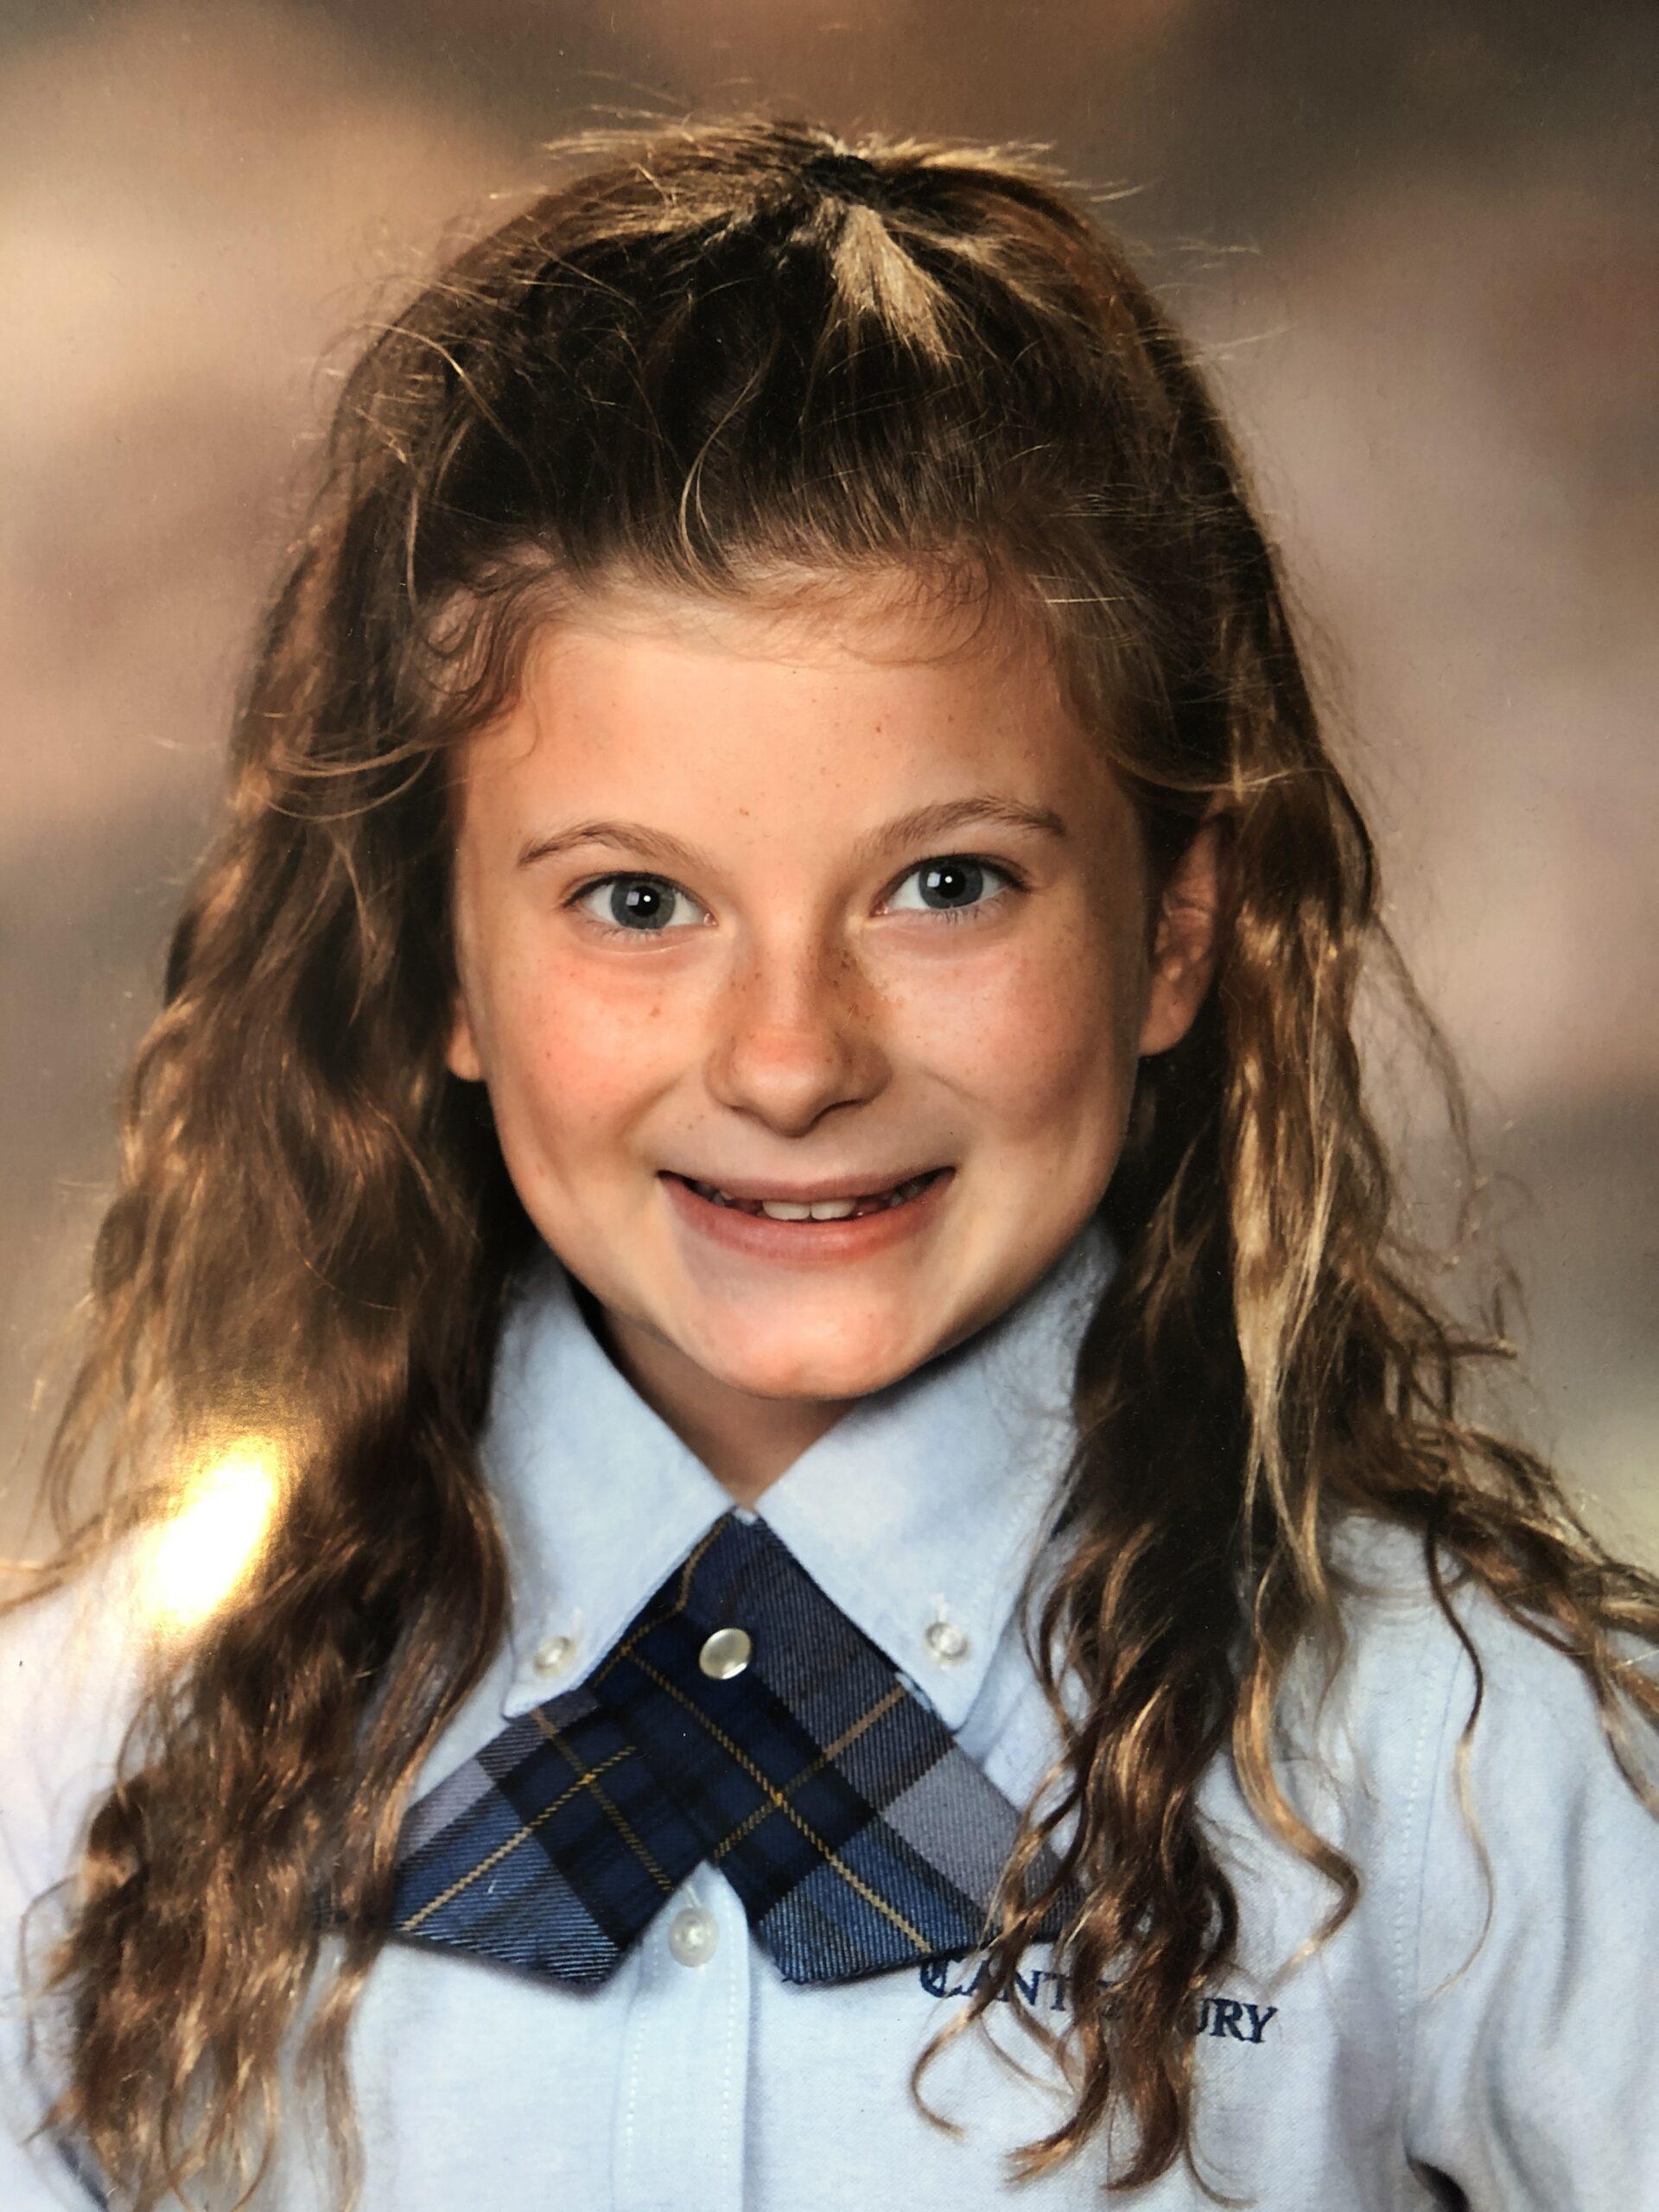 6th grade school picture